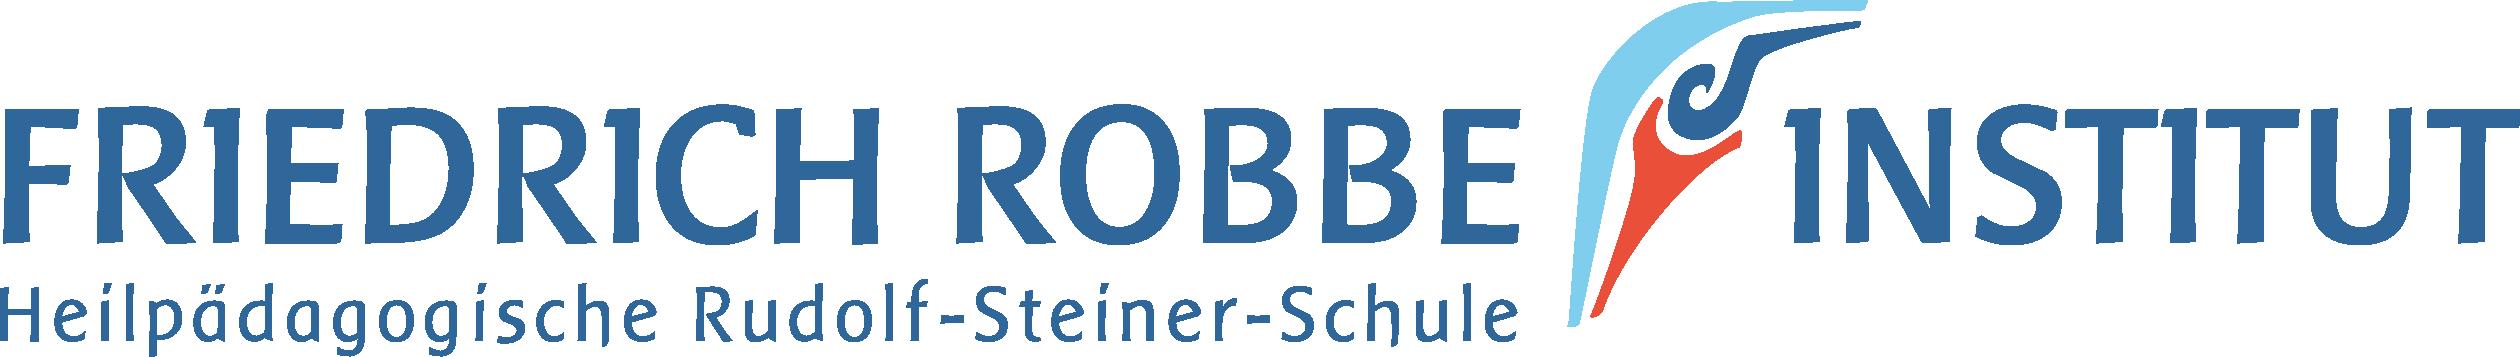 Friedrich Robbe Institut Logo